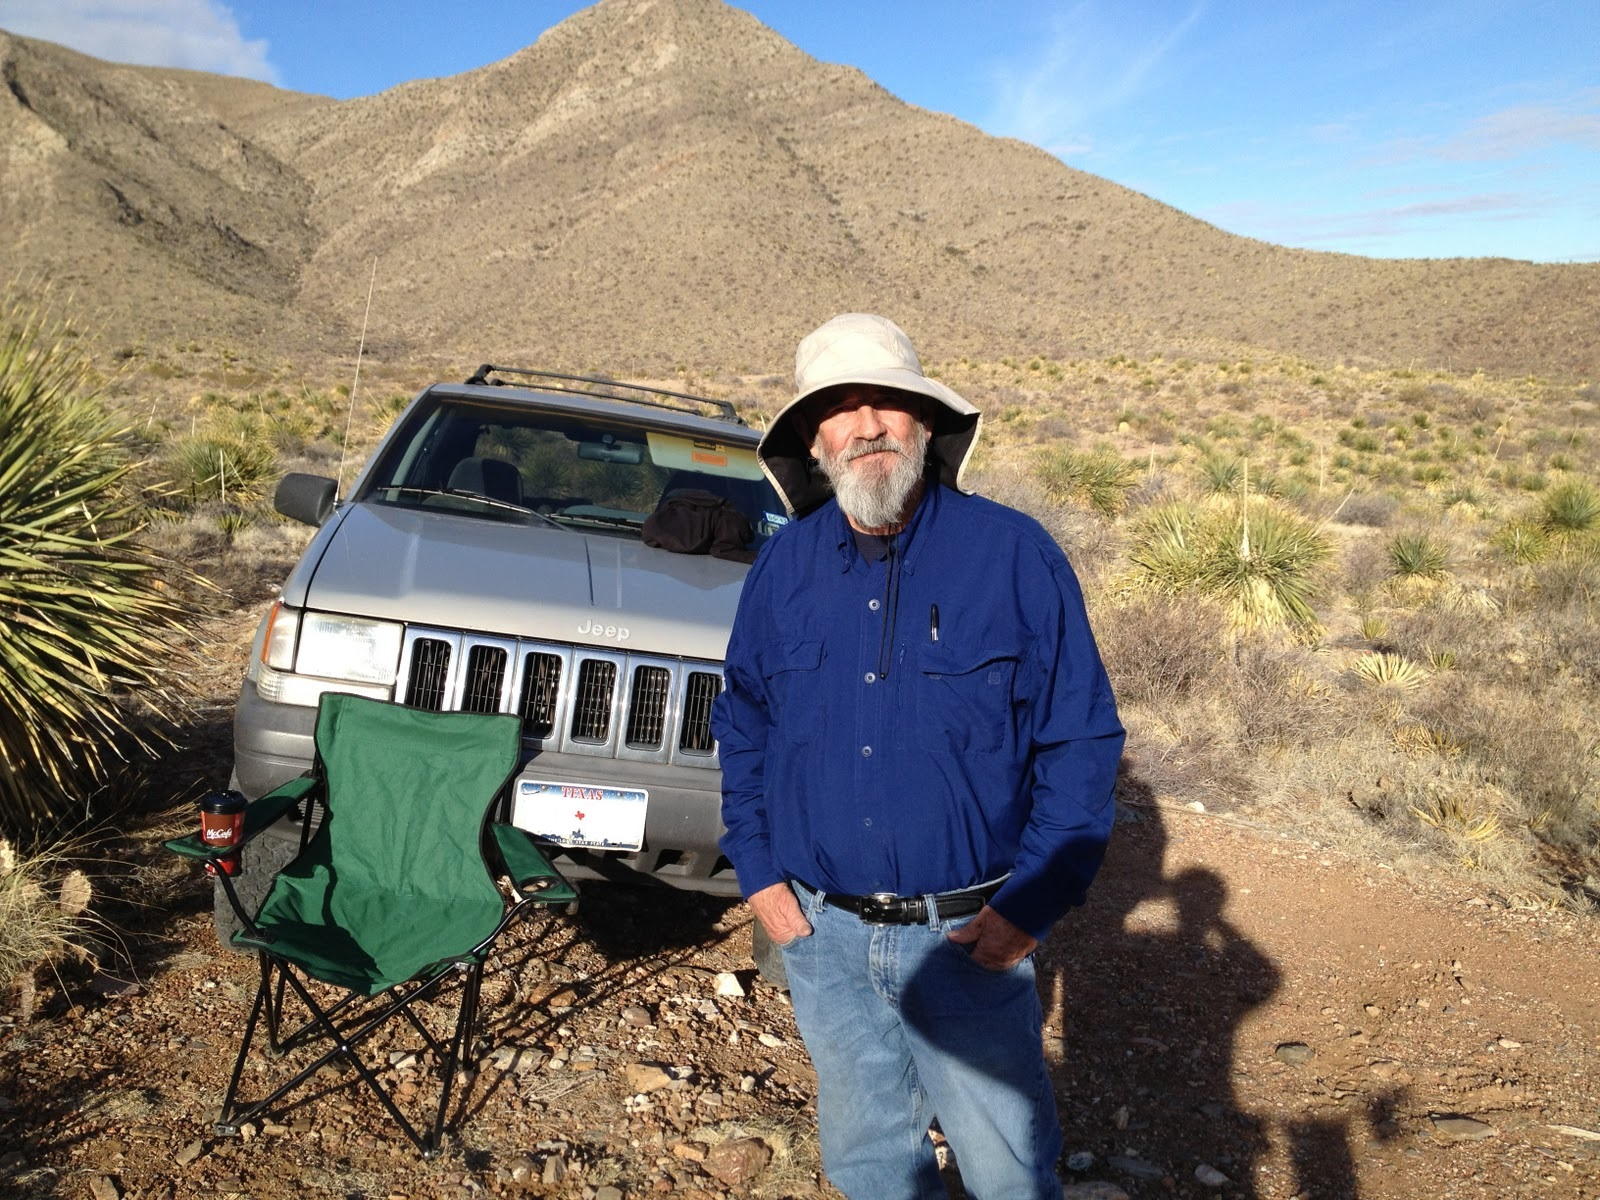 Robert Newman. Photo Credit: elpasotriathlete.blogspot.com